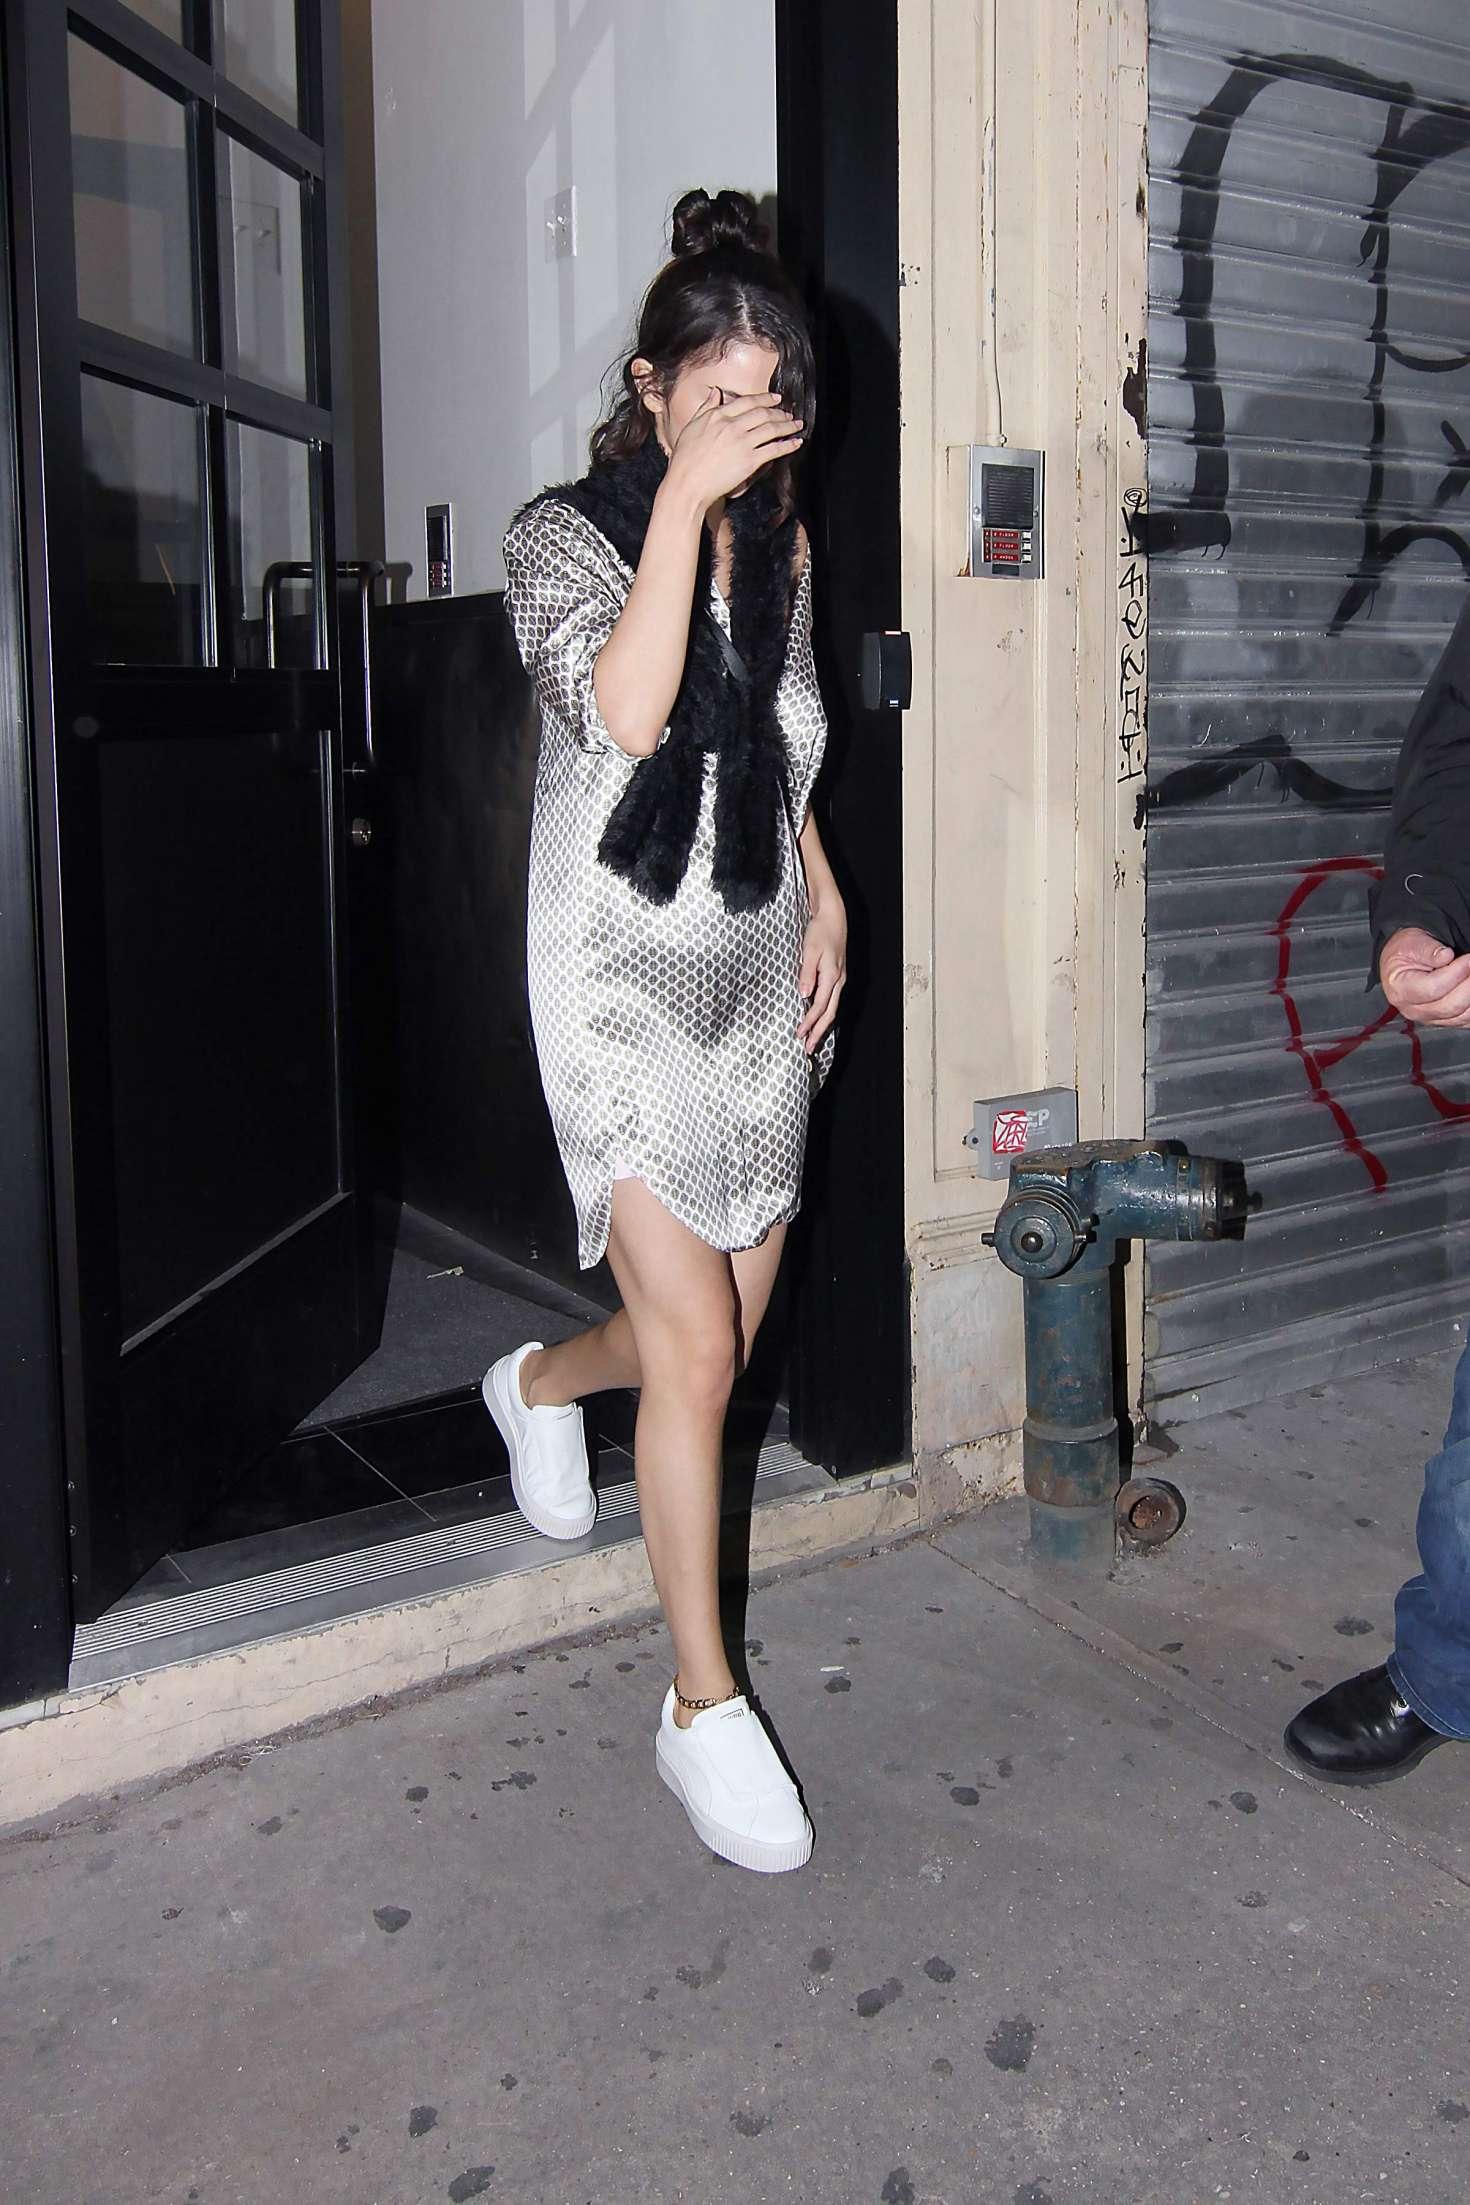 Selena Gomez 2017 : Selena Gomez out in New York City -28